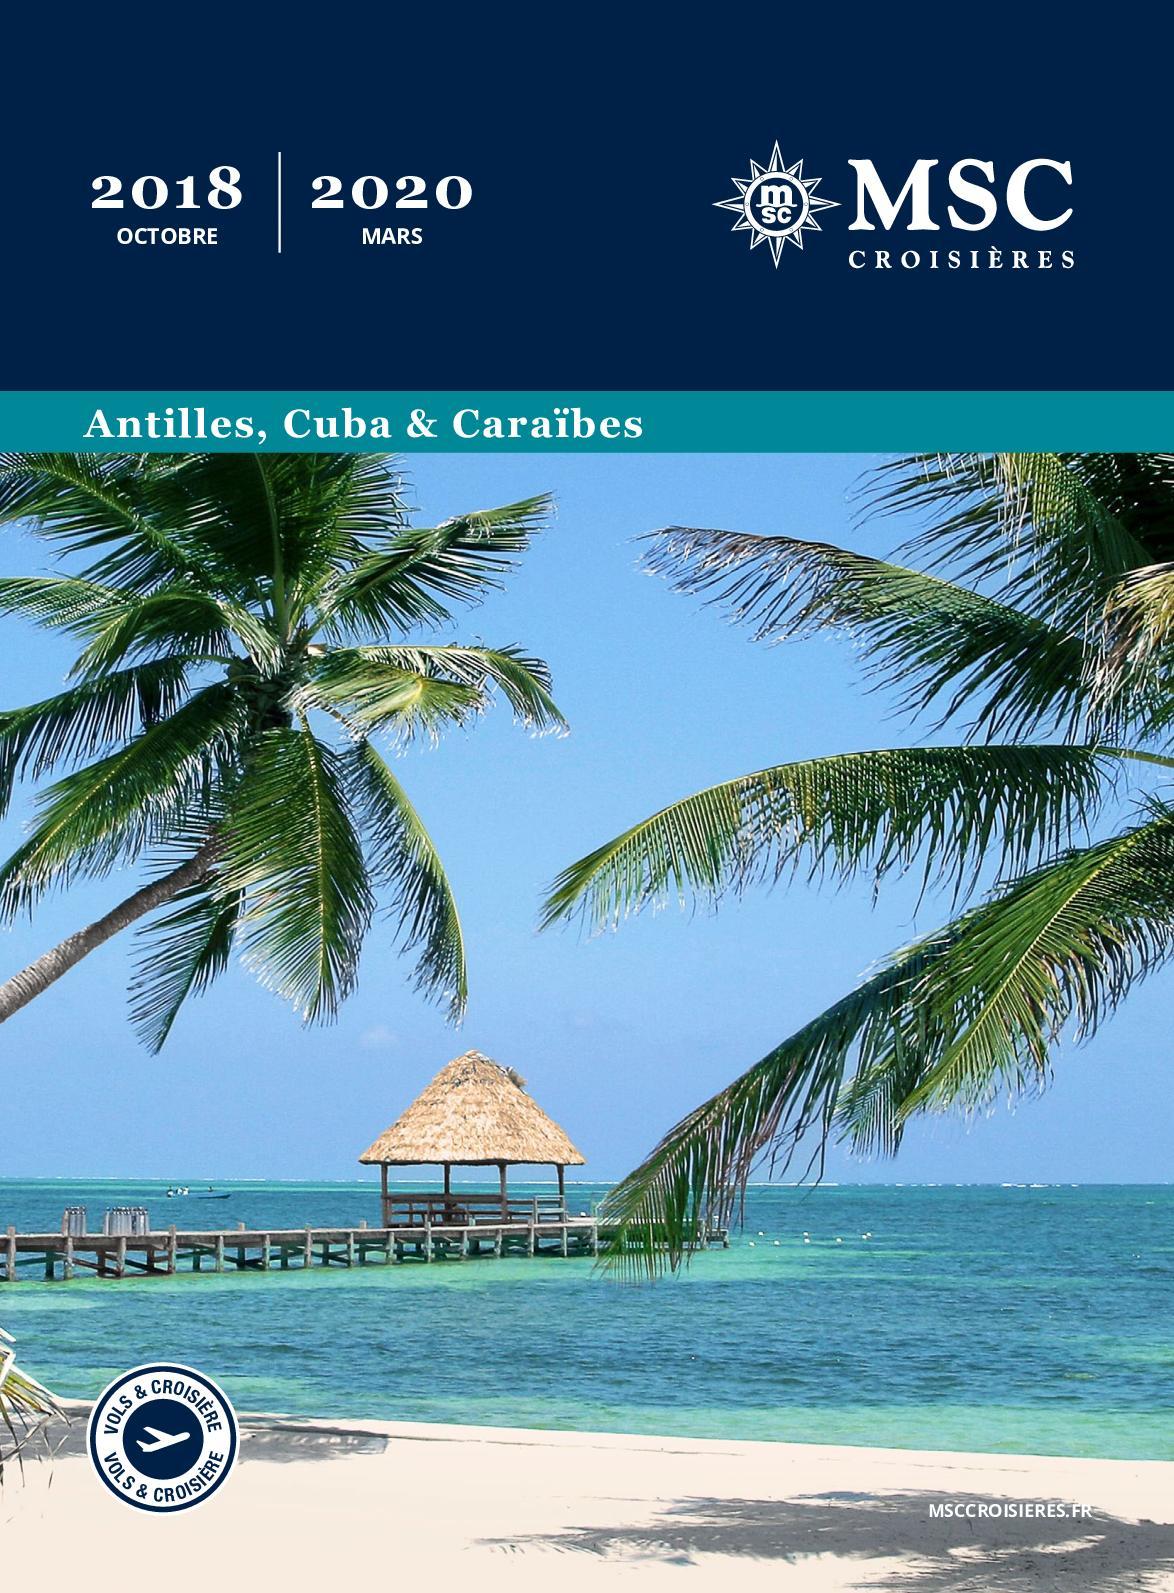 Caraïbes 2020 2018 Calaméo Calaméo AntillesCubaamp; AntillesCubaamp; Caraïbes 2020 Calaméo Caraïbes 2018 AntillesCubaamp; WDHIE92